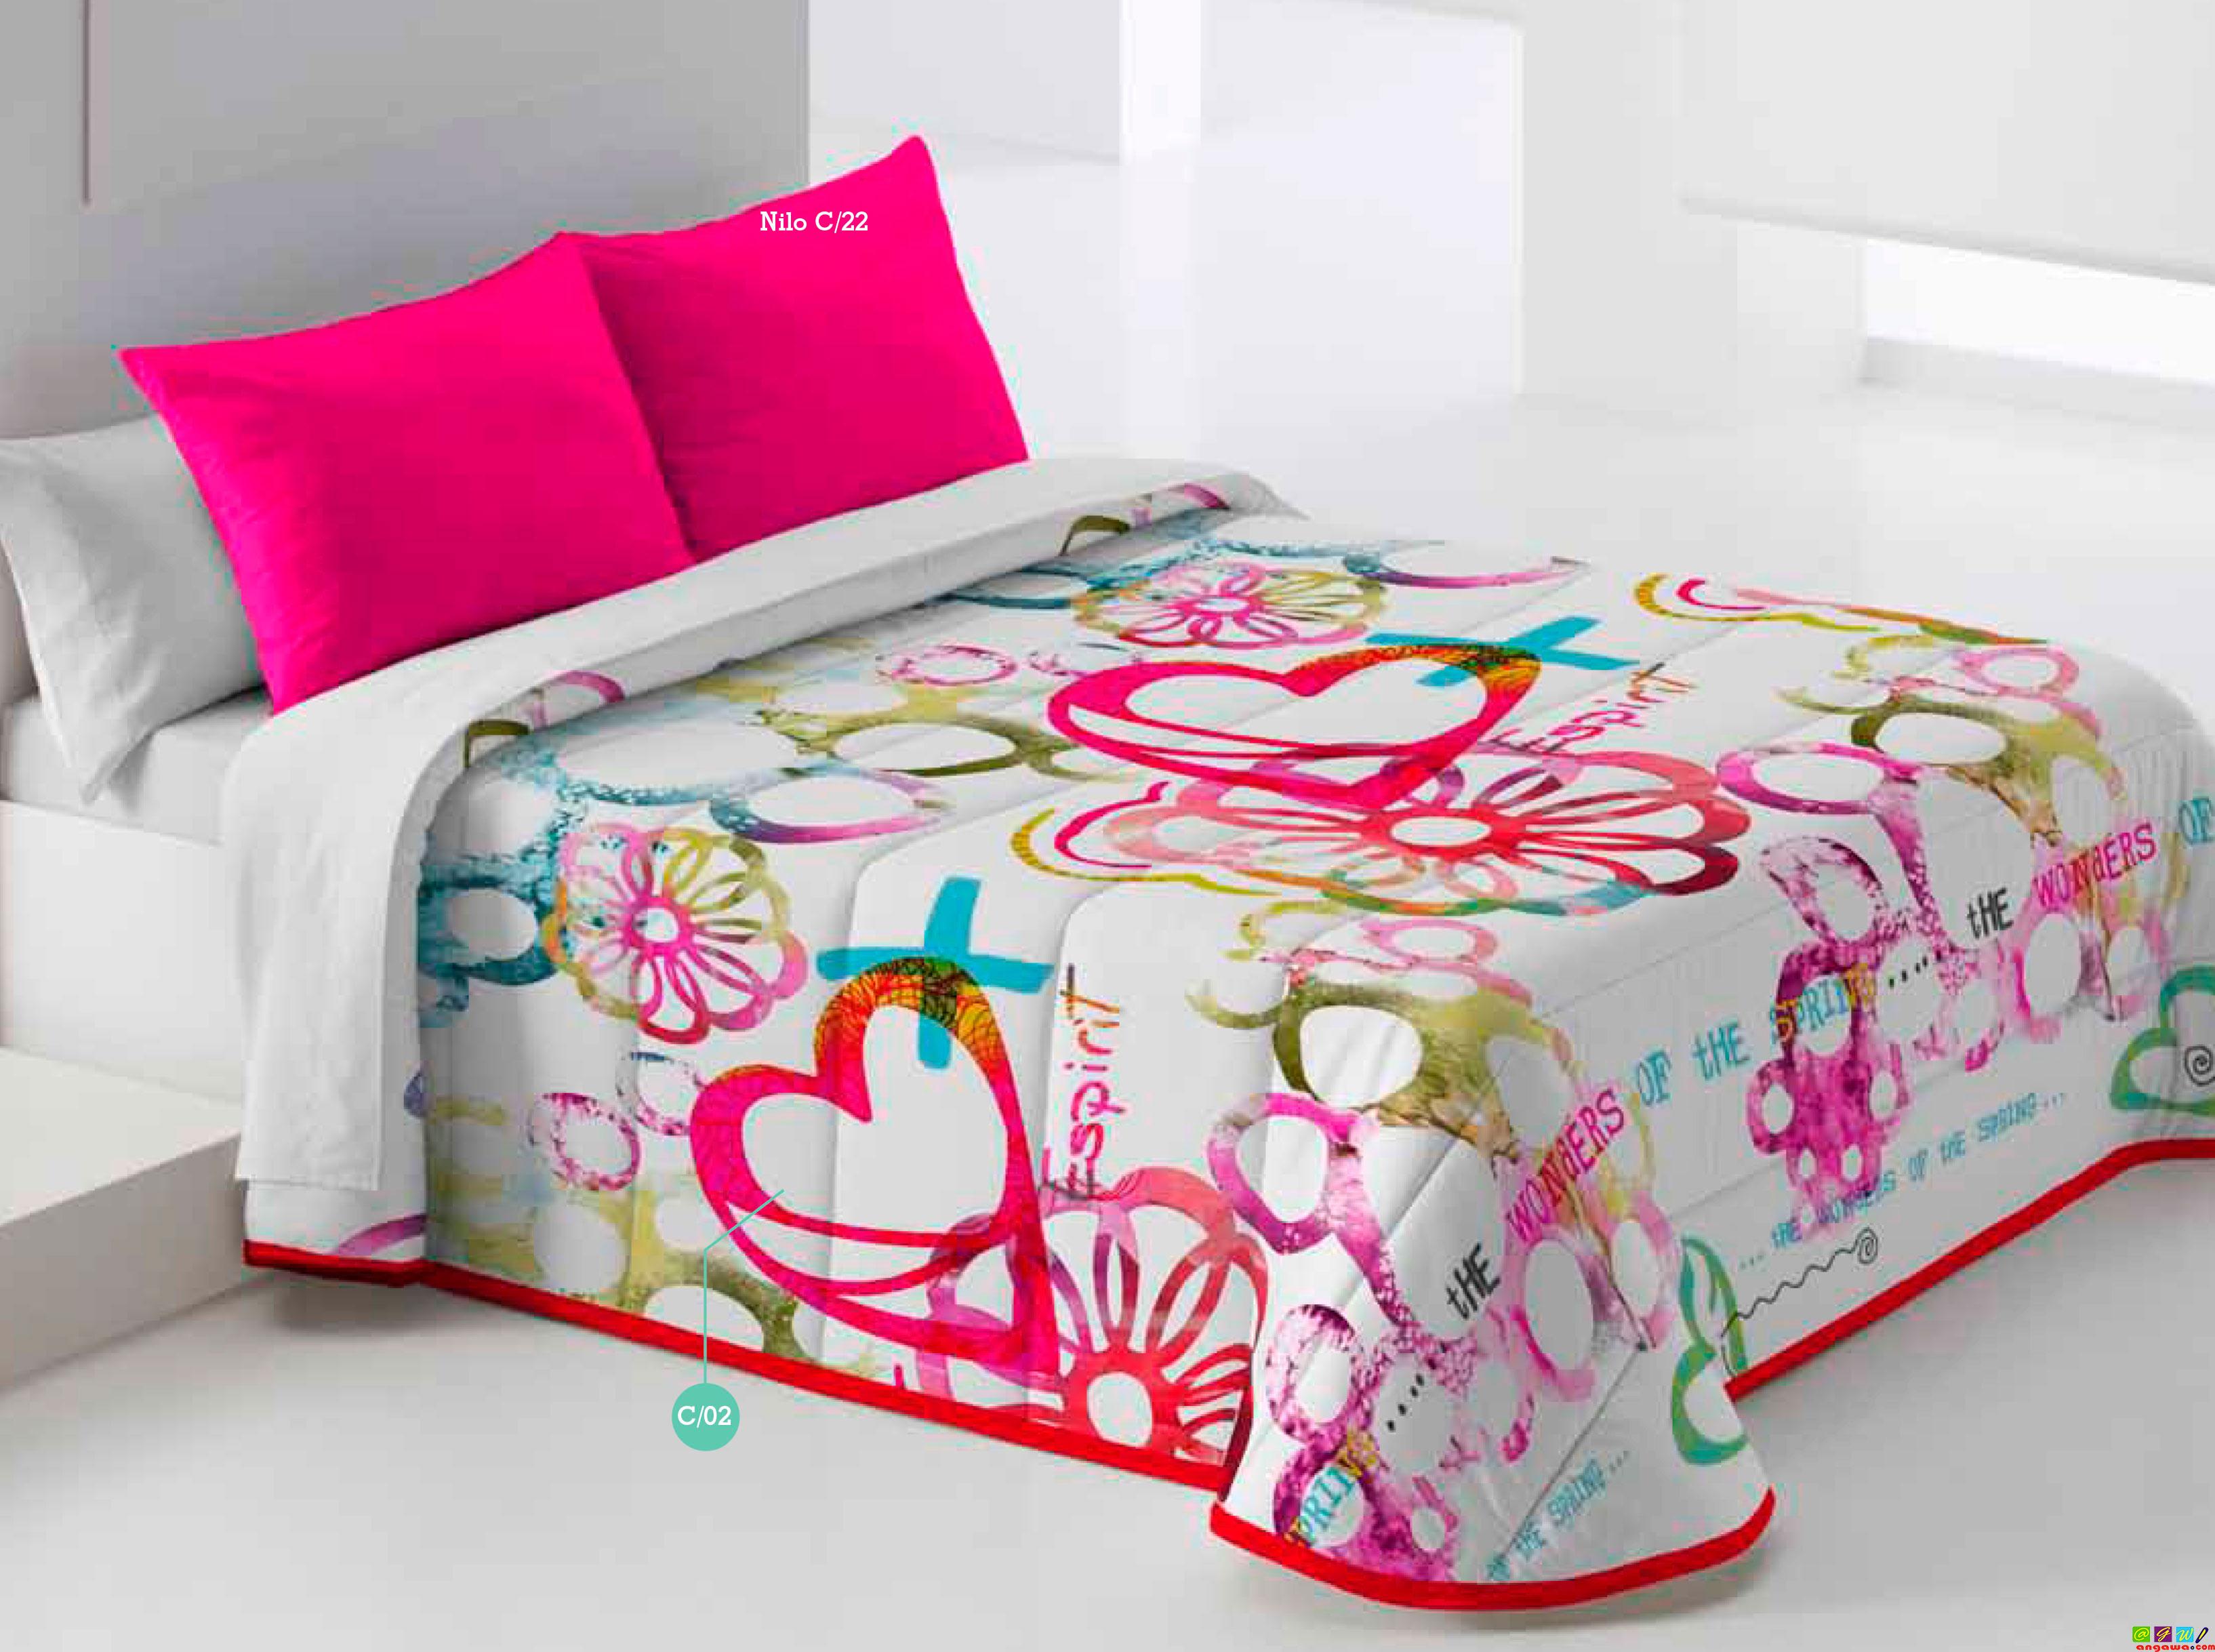 edredon. Black Bedroom Furniture Sets. Home Design Ideas